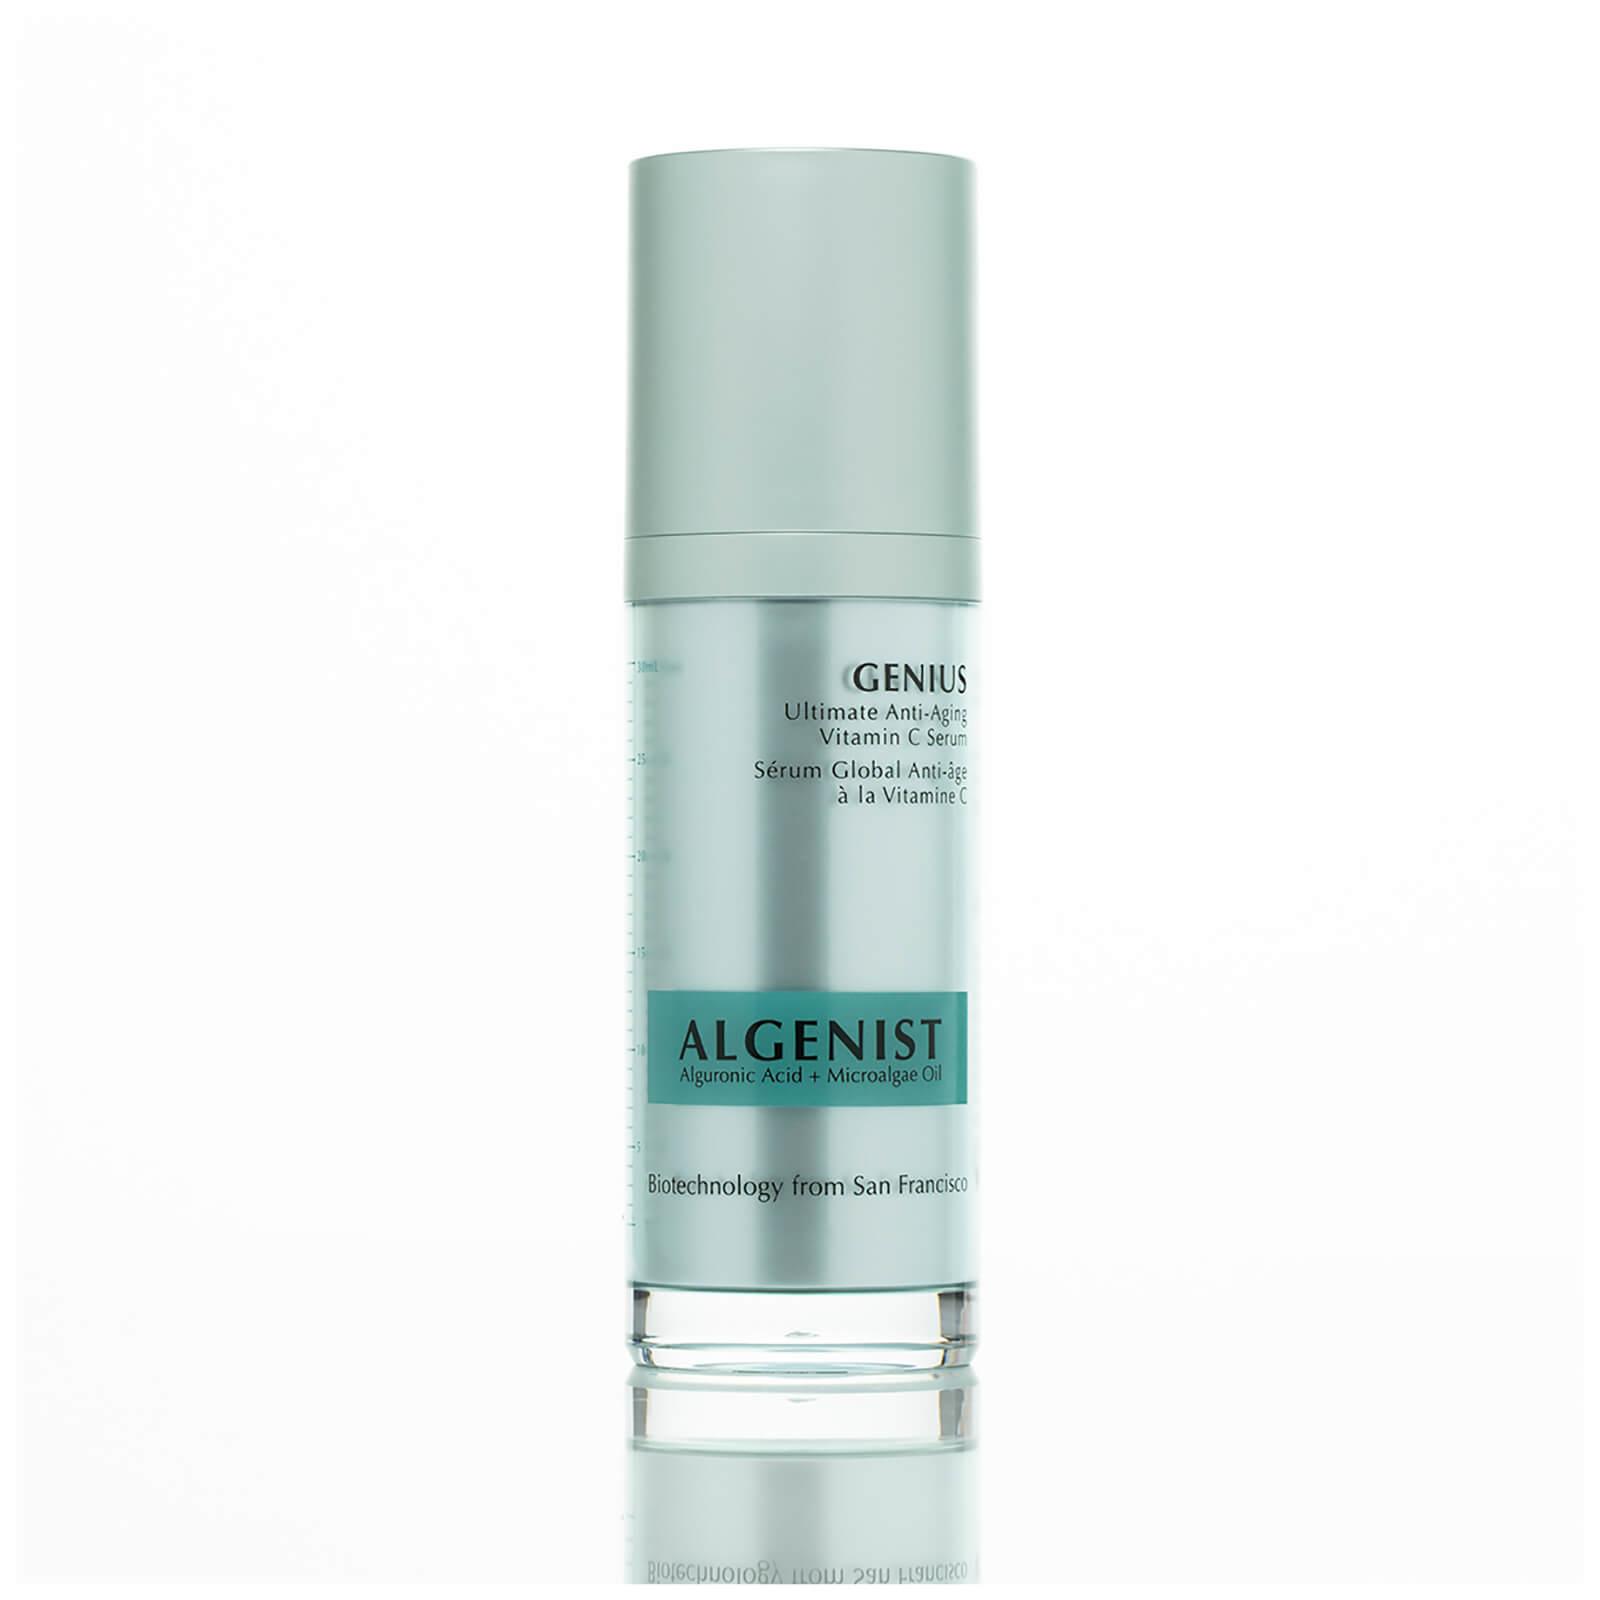 algenist genius ultimate anti-aging vitamin c+ serum 1 fl oz